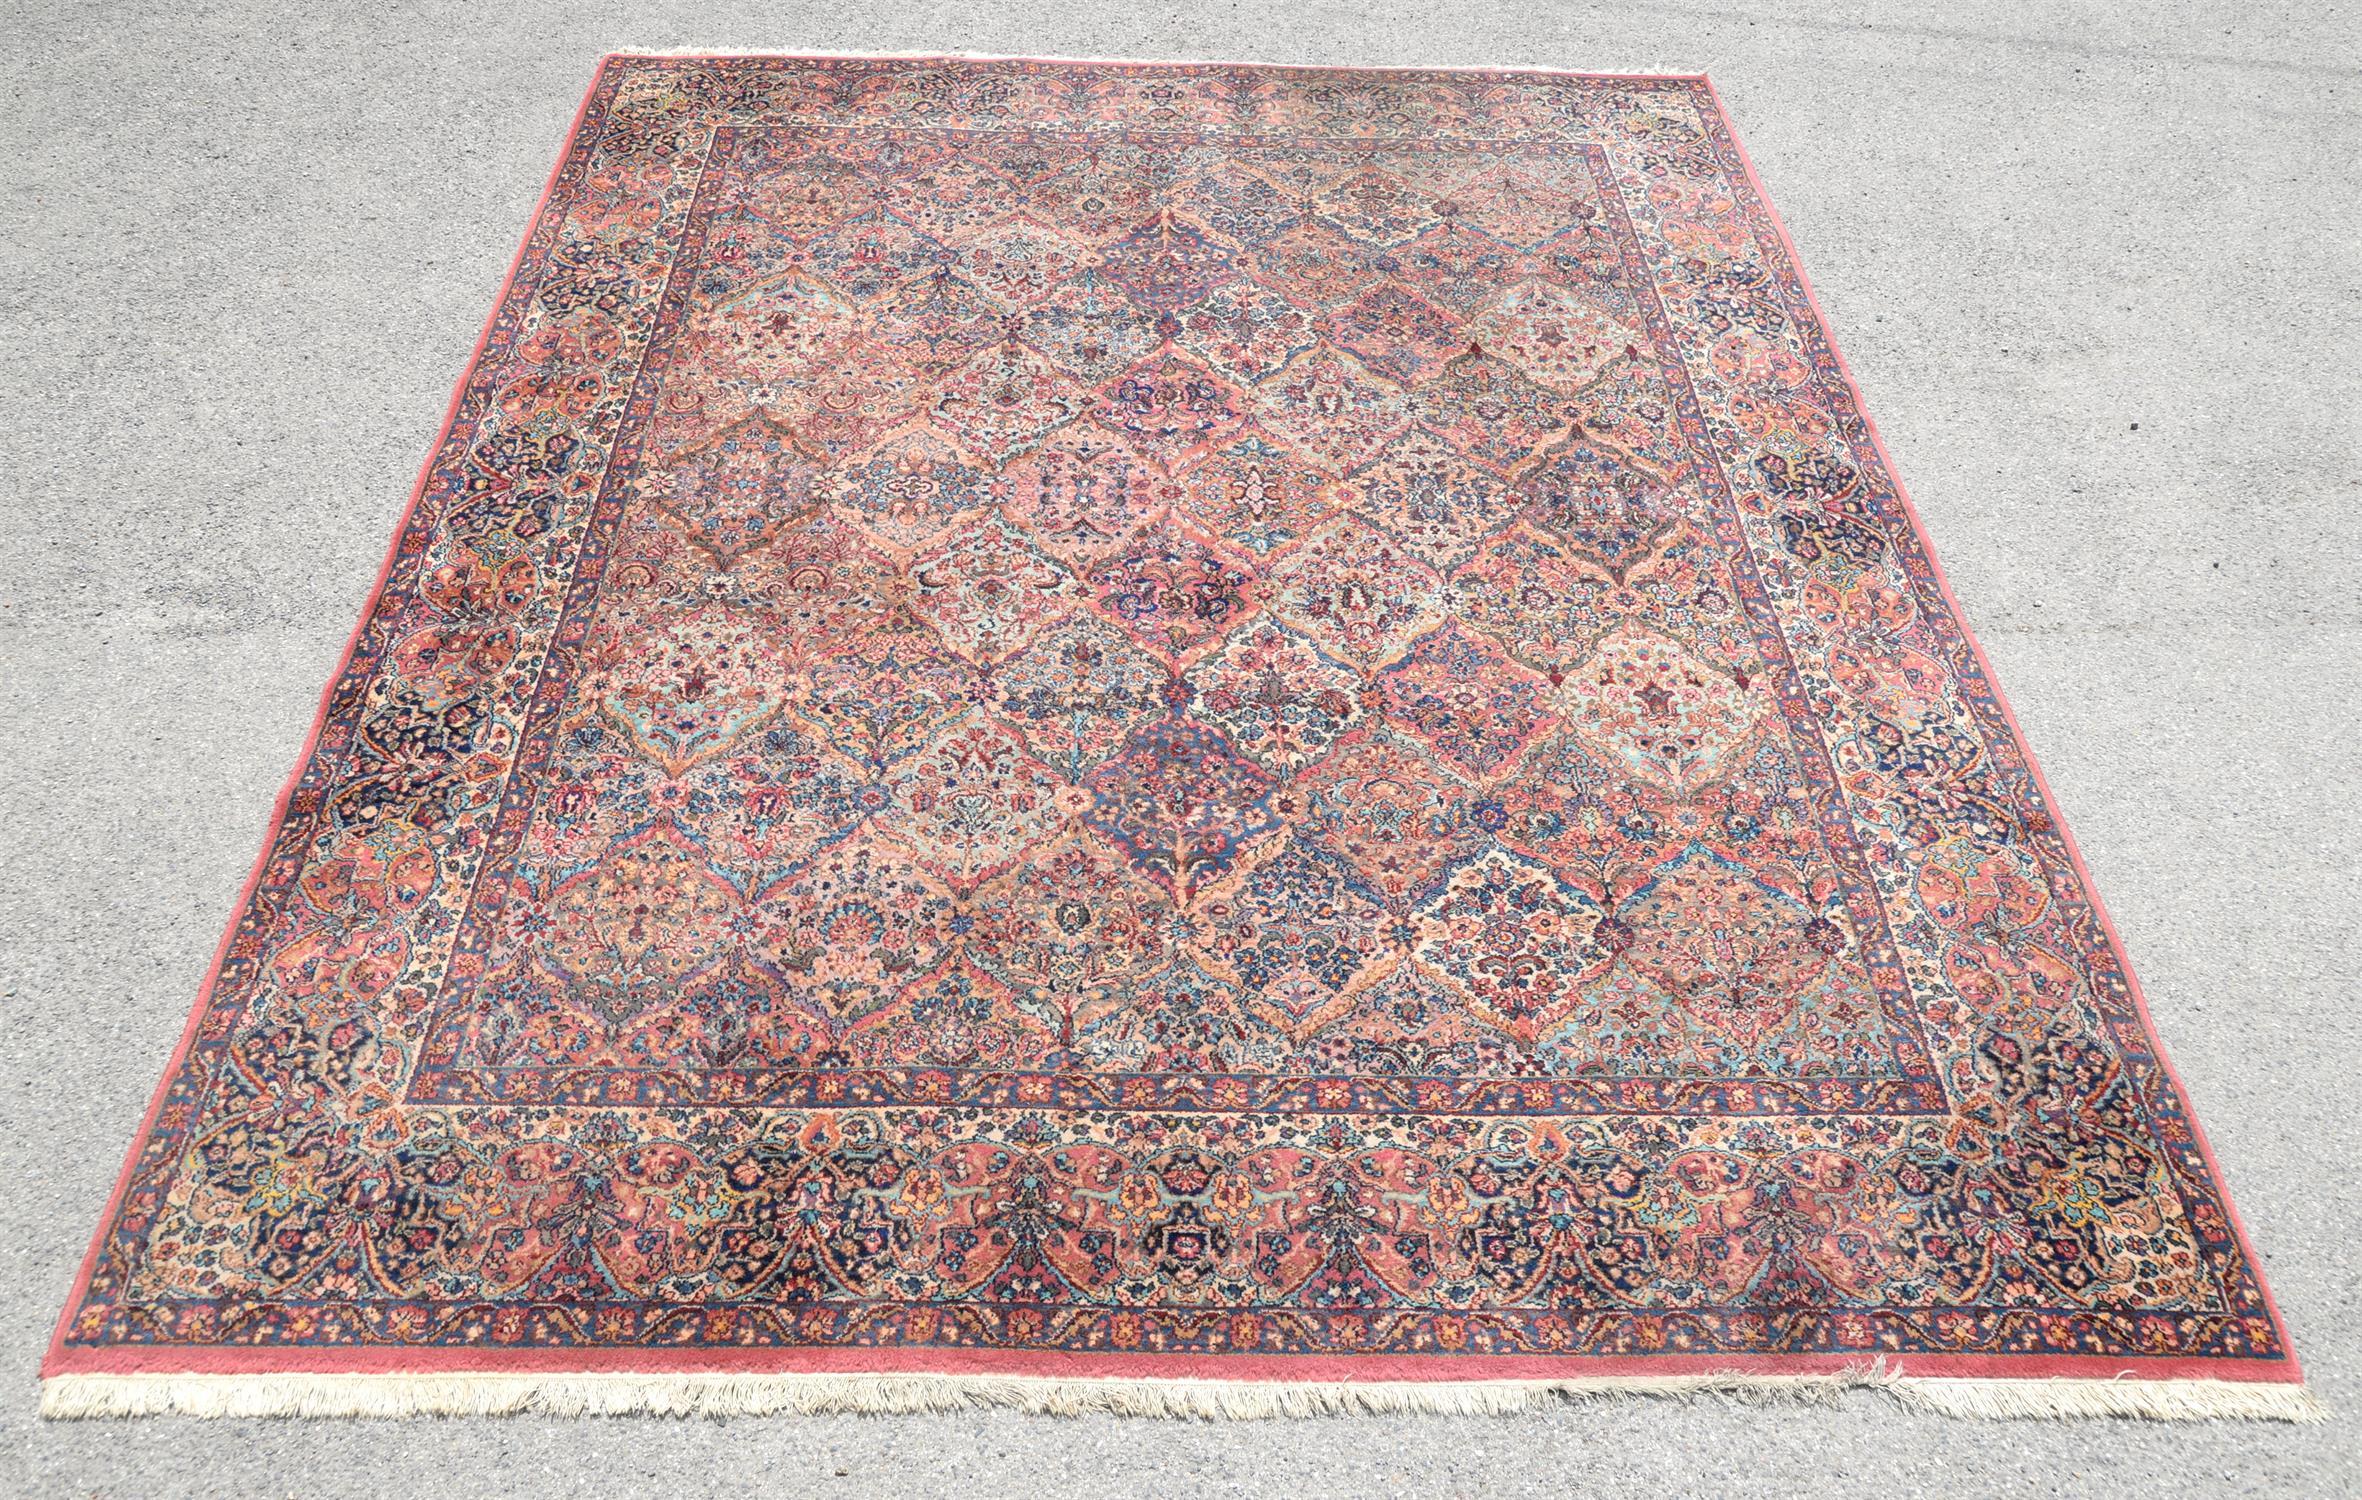 Kirman style woollen carpet by Karastan 'America's Finest Power Loomed Rug', in garden pattern with